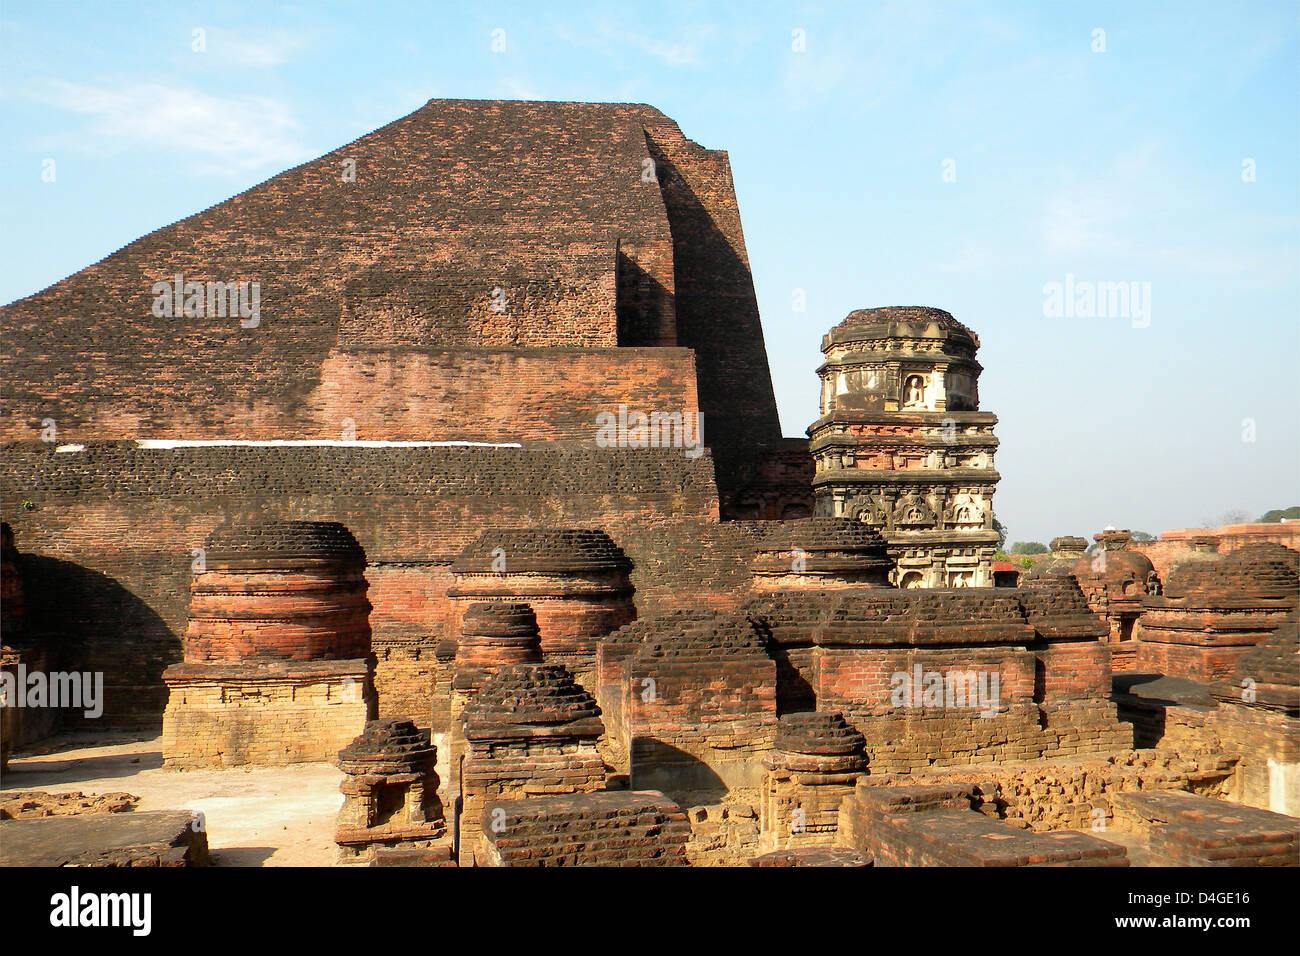 L'Inde, le Bihar, le temple de Nalanda Photo Stock